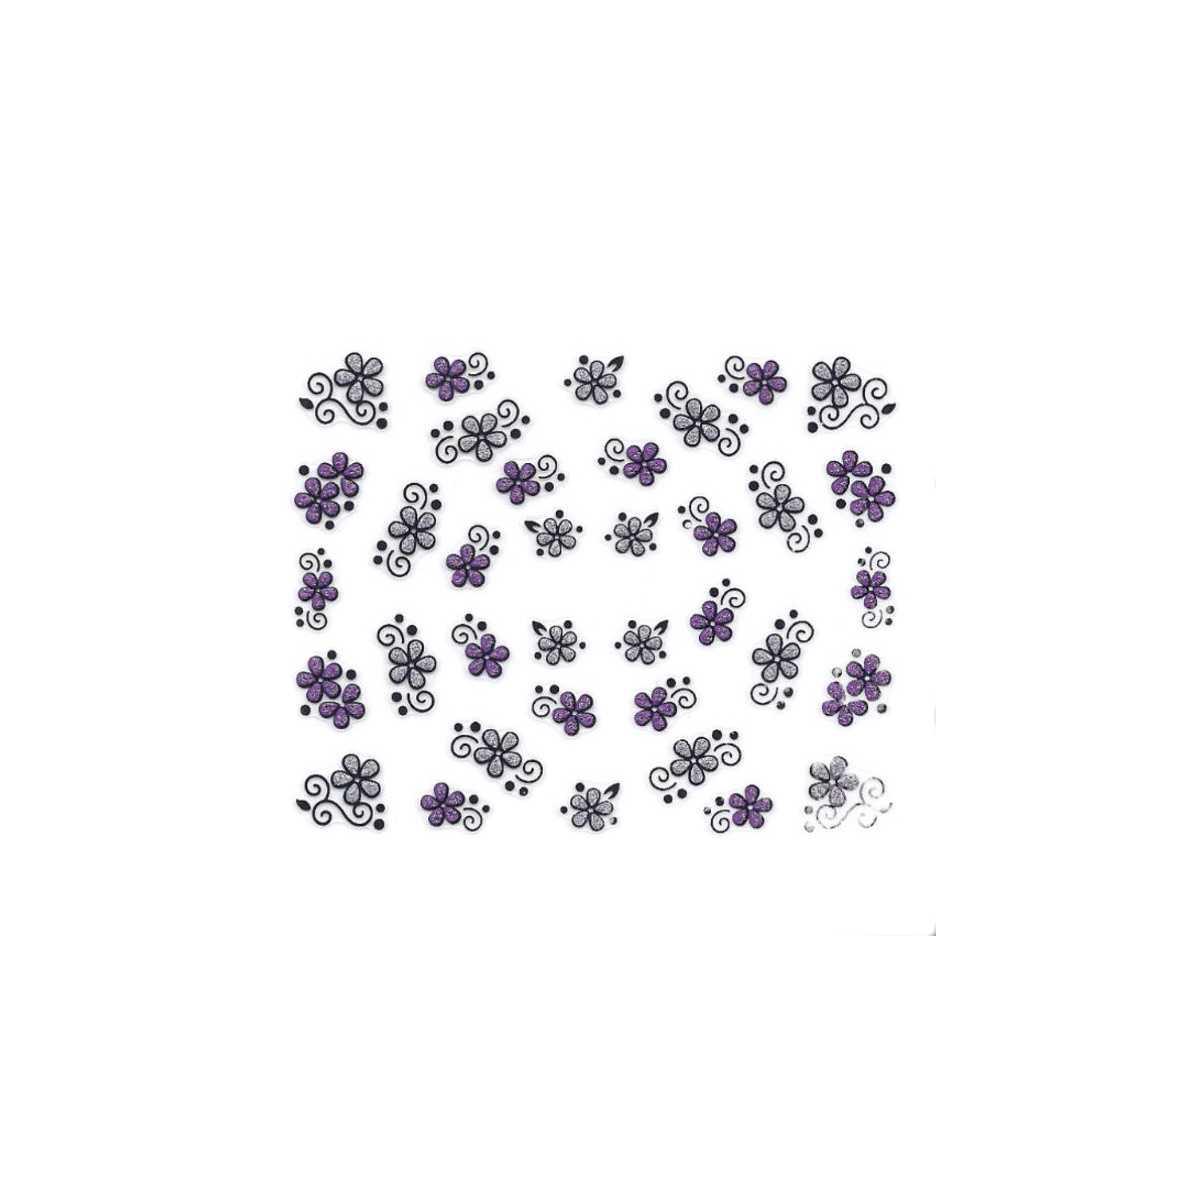 https://www.kit-manucure.com/1807-thickbox_default/stickers-à-paillettes-fleurs-et-arabesques-violet-et-argent.jpg